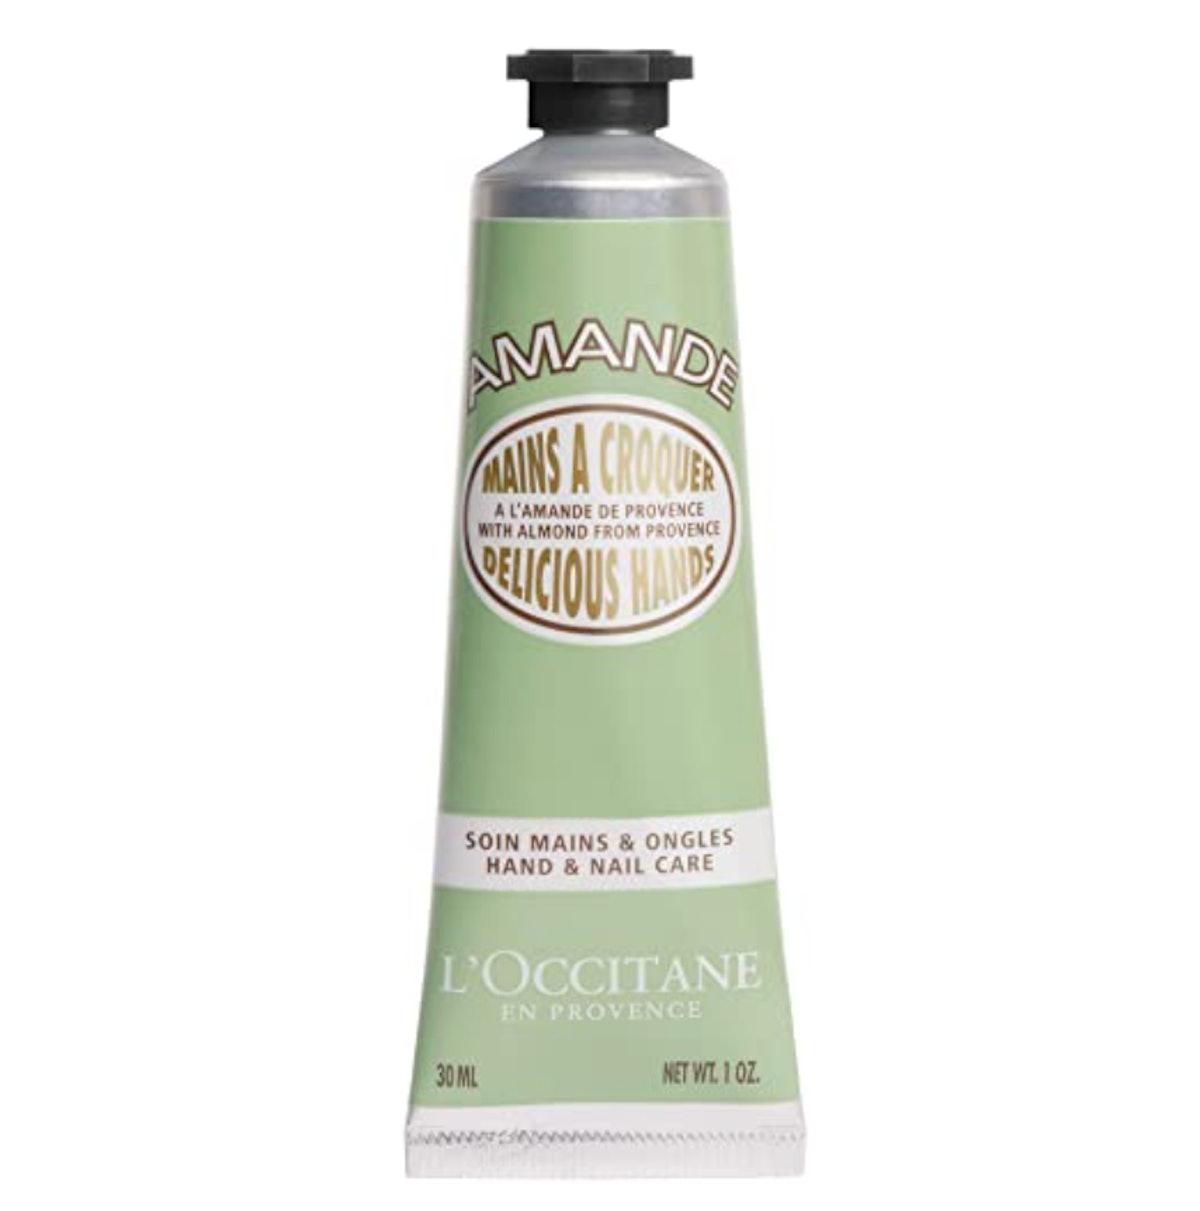 L'Occitane Almond Delicious Hand & Nail Cream